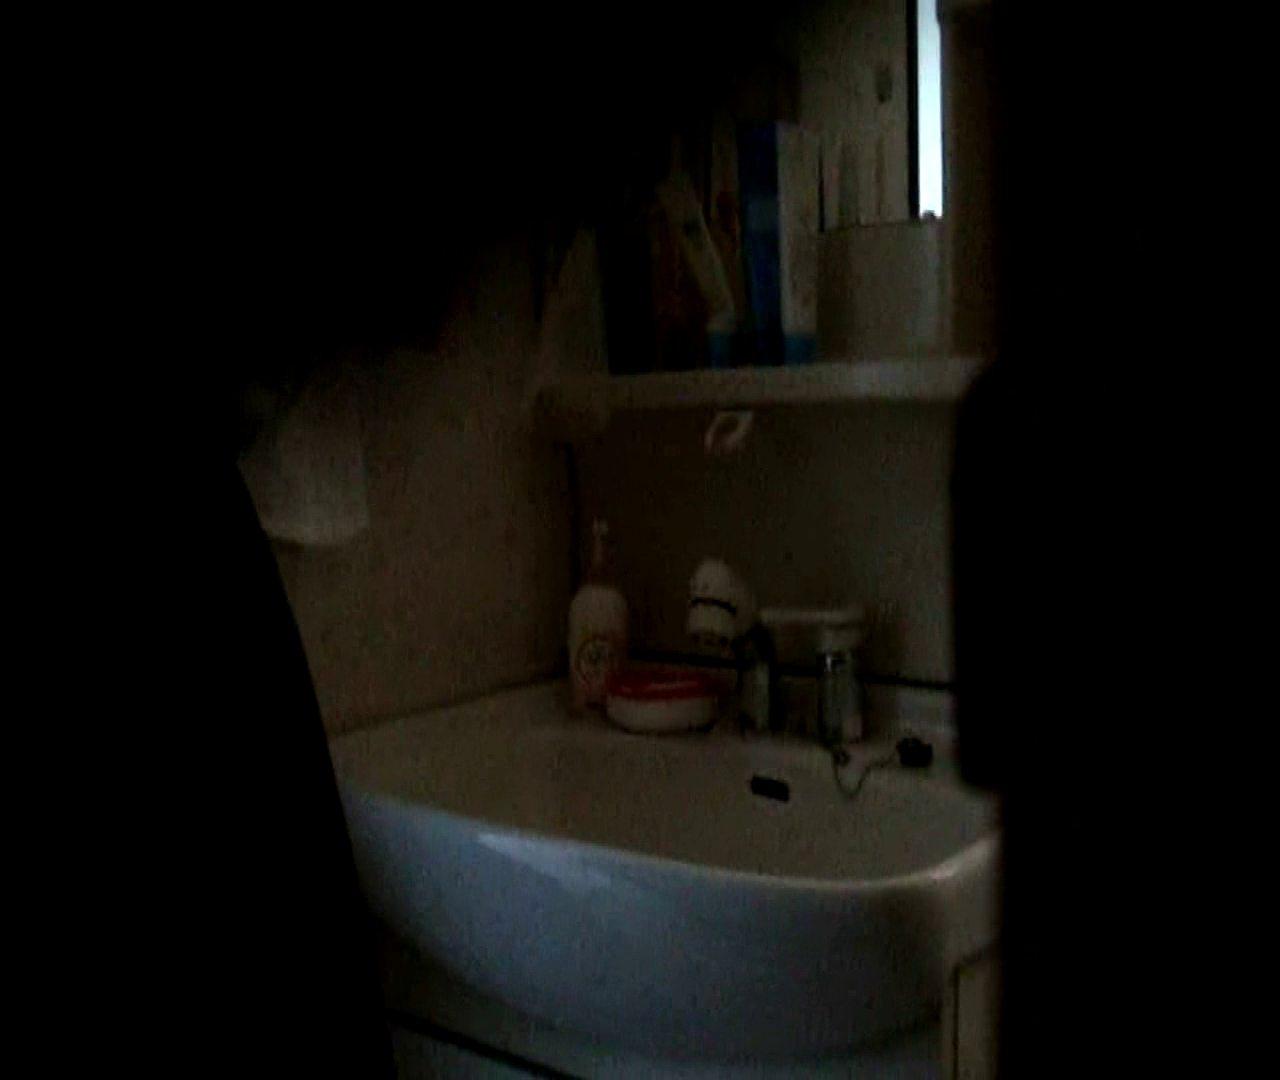 二人とも育てた甲斐がありました… vol.05 まどかが洗顔後にブラを洗濯 美しいOLの裸体  102pic 30